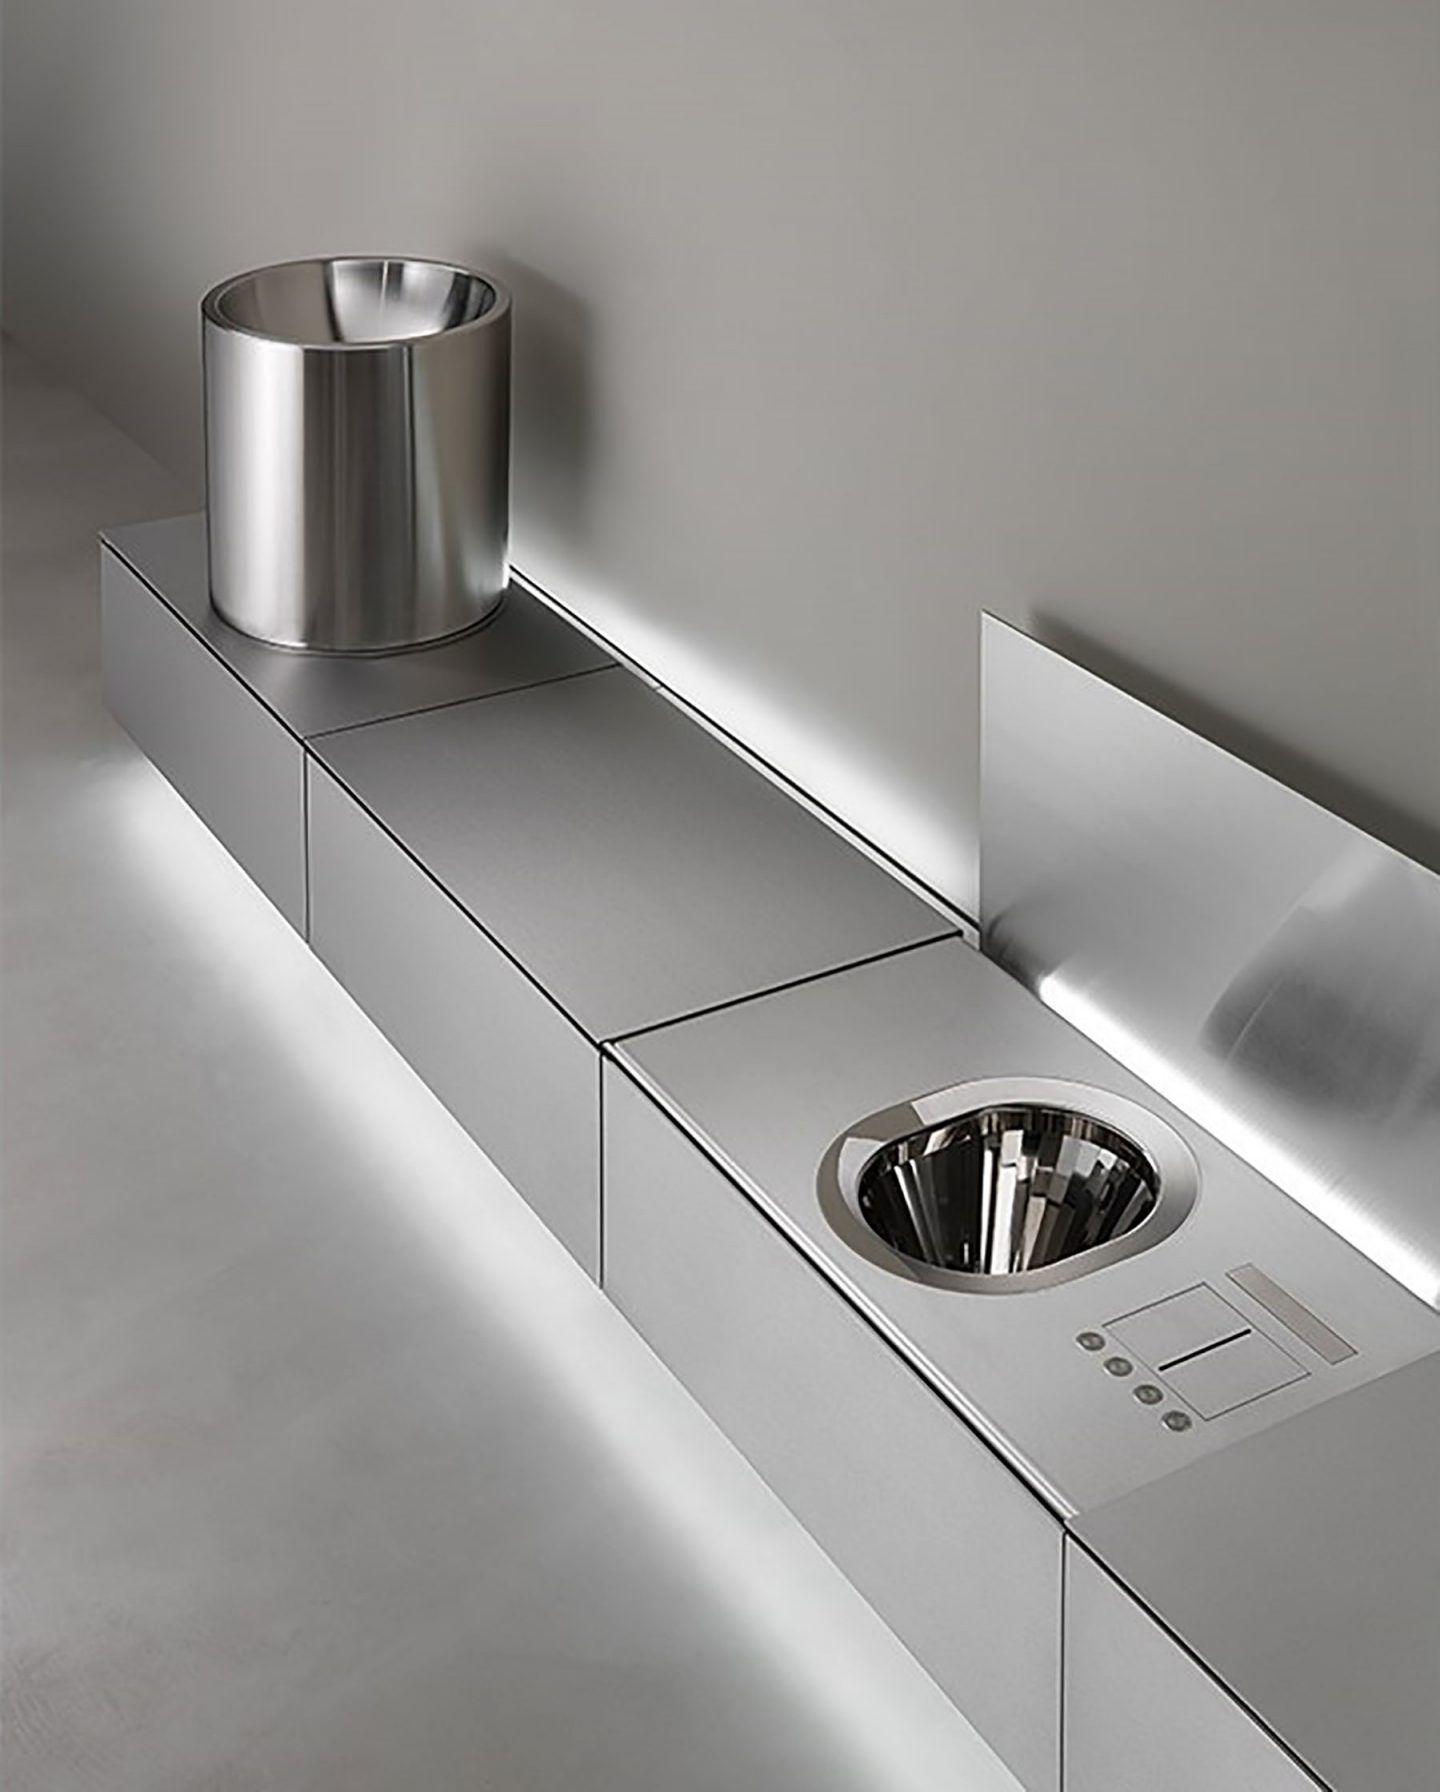 IGNANT-Design-CEA-ABACO-4